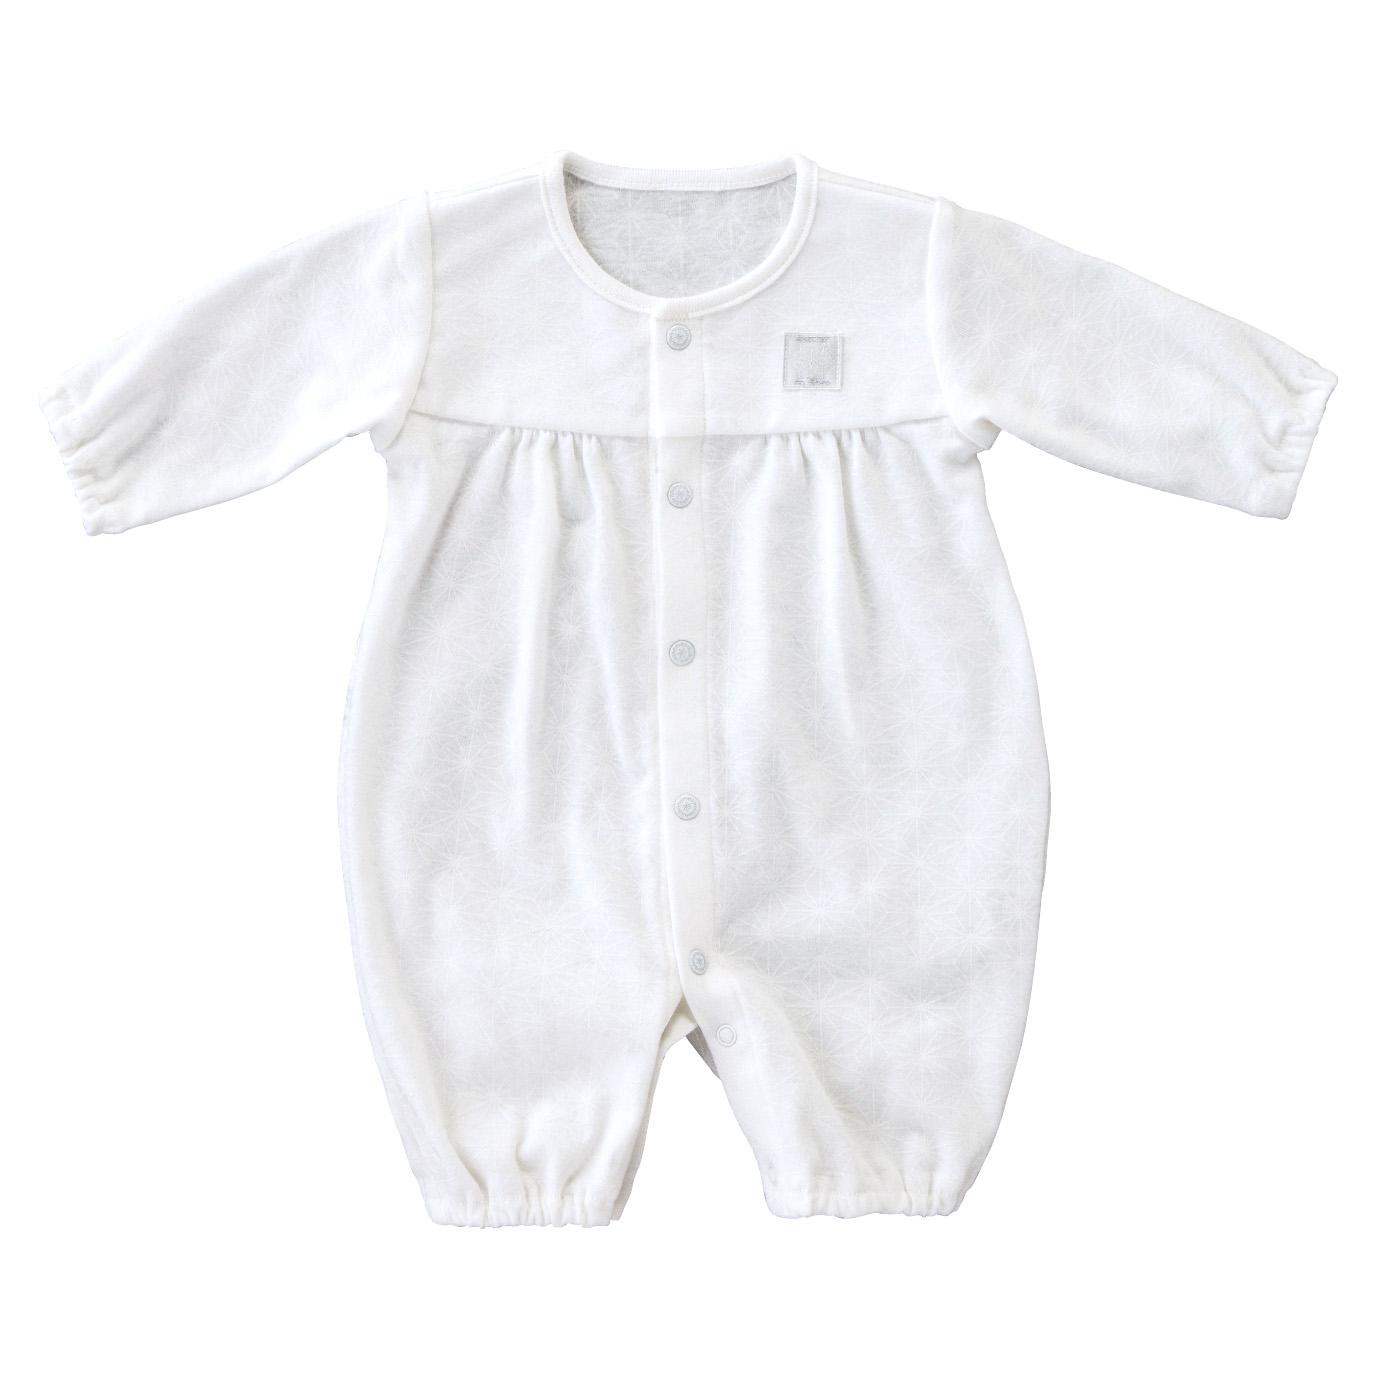 2e8d3554974df レイエット・メーカー 赤ちゃんの城|商品のご紹介|ツーウェイドレス ...